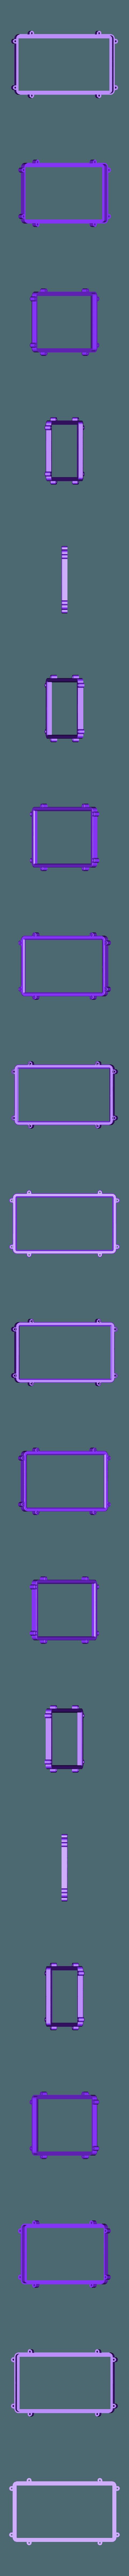 RTS-FRAME.STL Télécharger fichier STL gratuit Raspberry Pi Étui officiel pour écran tactile Raspberry Pi • Modèle pour imprimante 3D, mkellsy